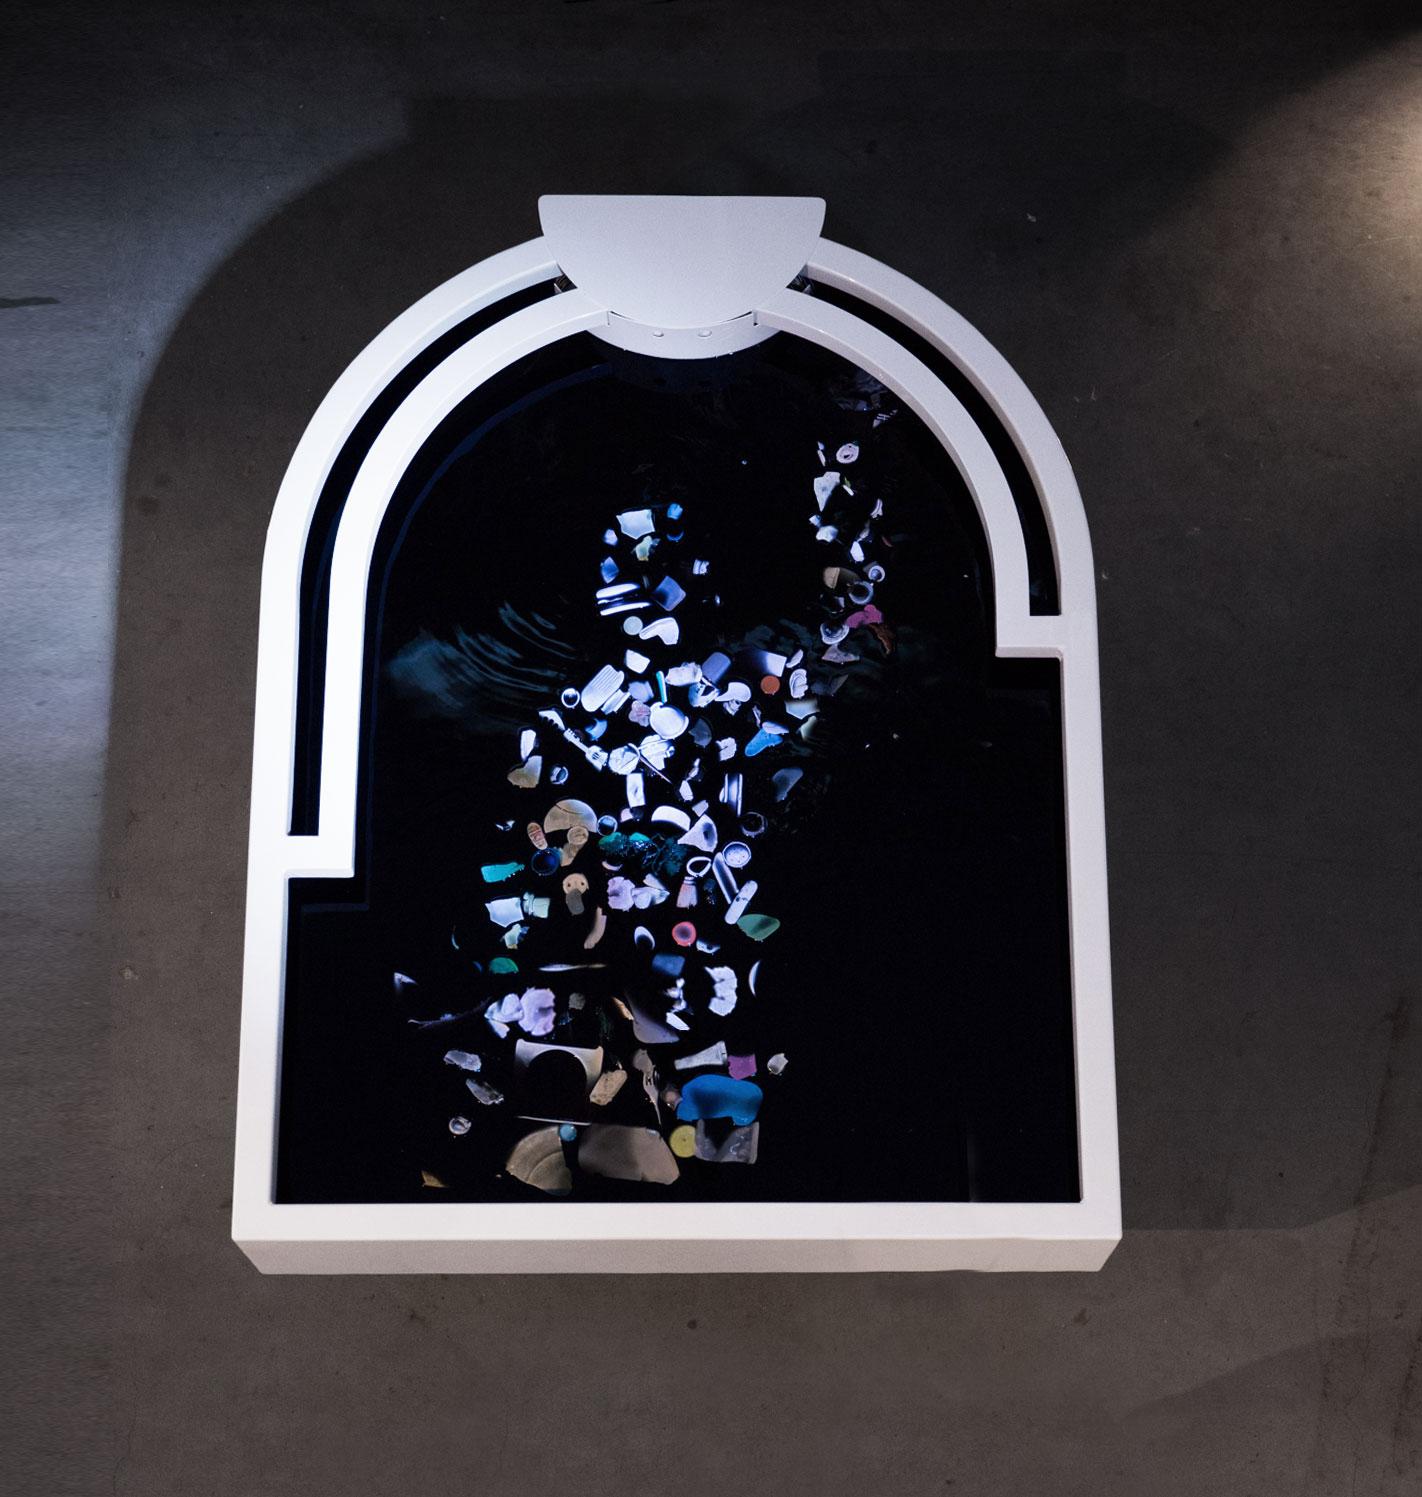 plastic-reflectic-interactiveinstallation-thijsbiersteker-1